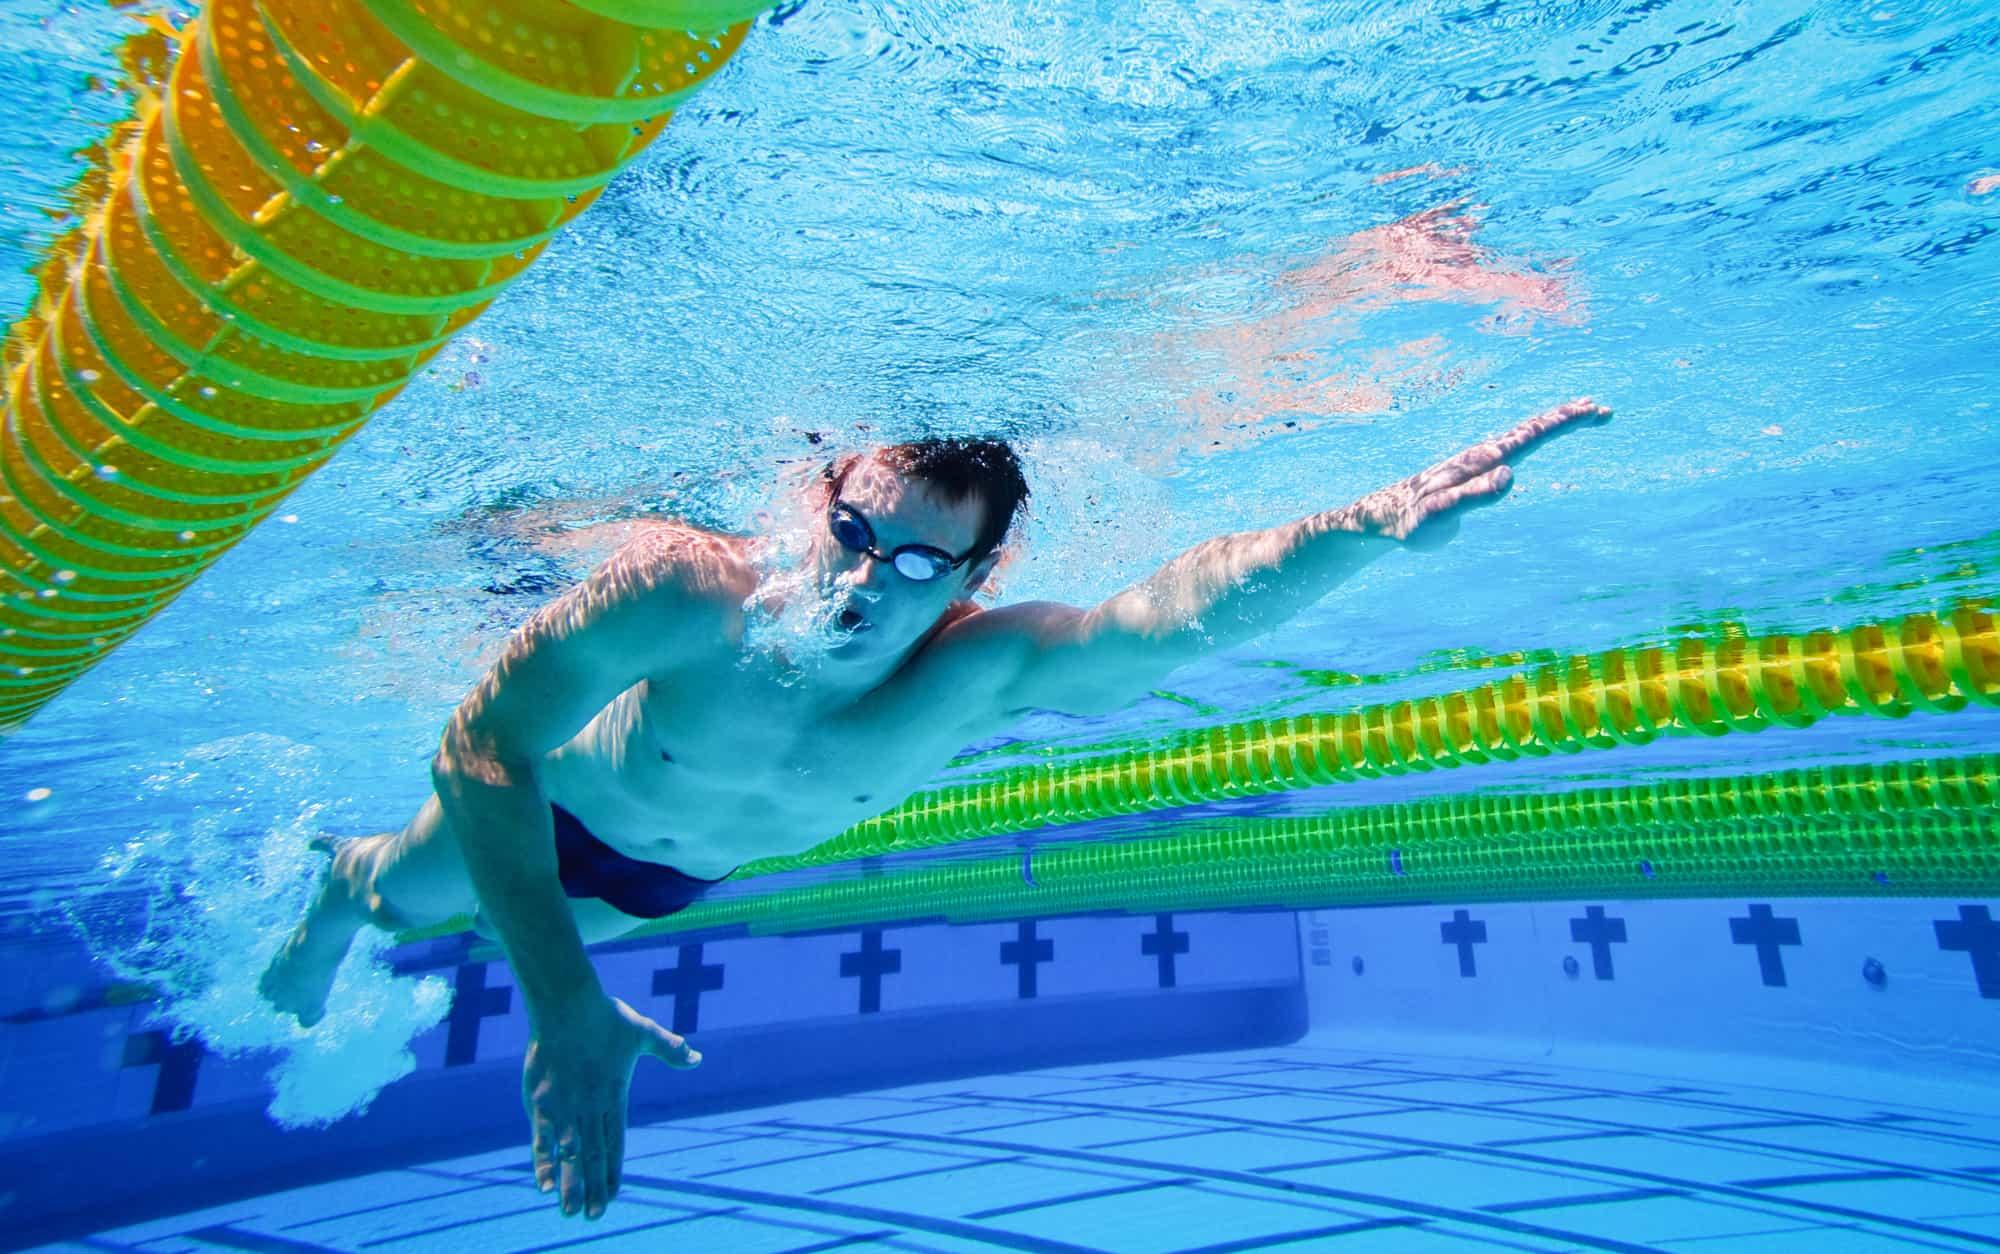 Estilos de natação alternativos ou utilitários